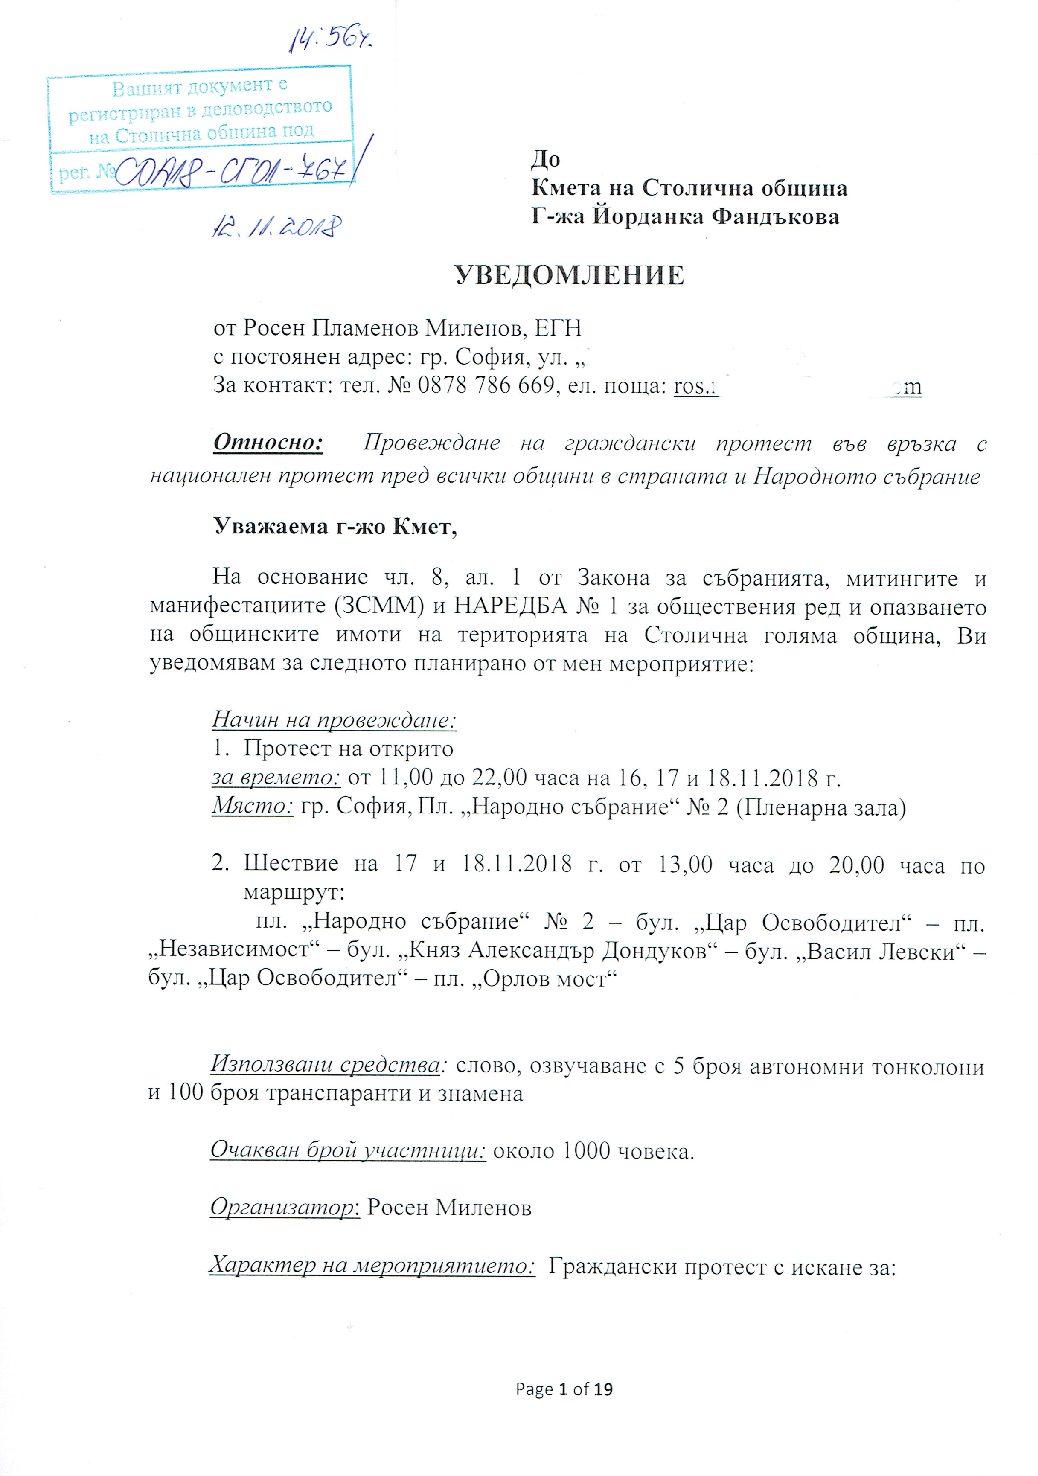 Уведомление за протест пред Парламента на 16,17 и 18.11.2018 г.